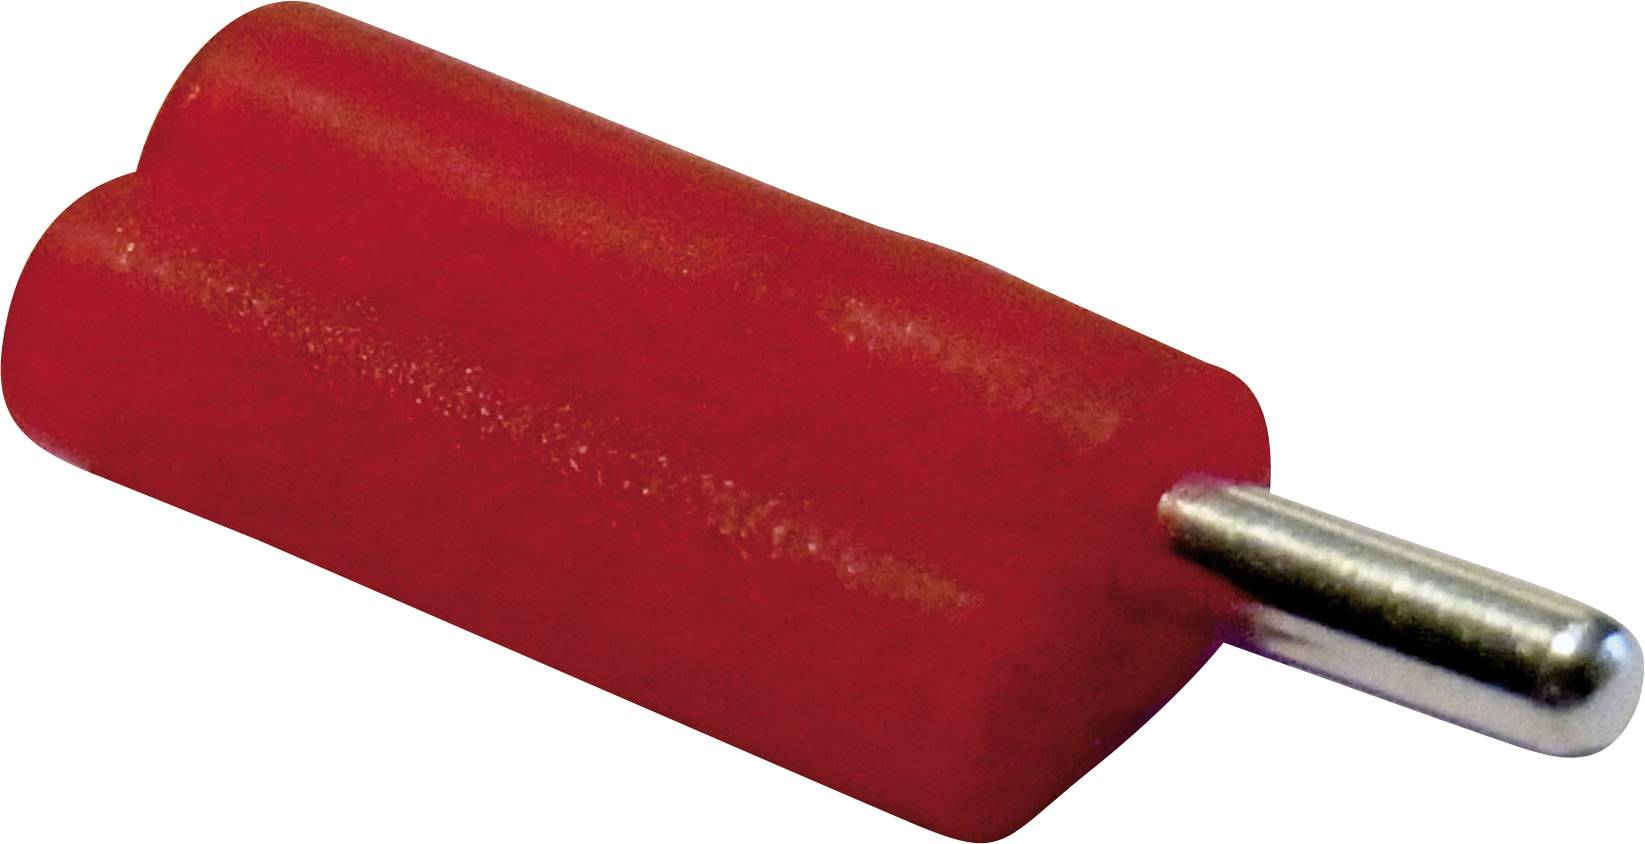 Banánkový konektor Schnepp, zástrčka, rovná, Ø pin: 2 mm, F 2020, červená